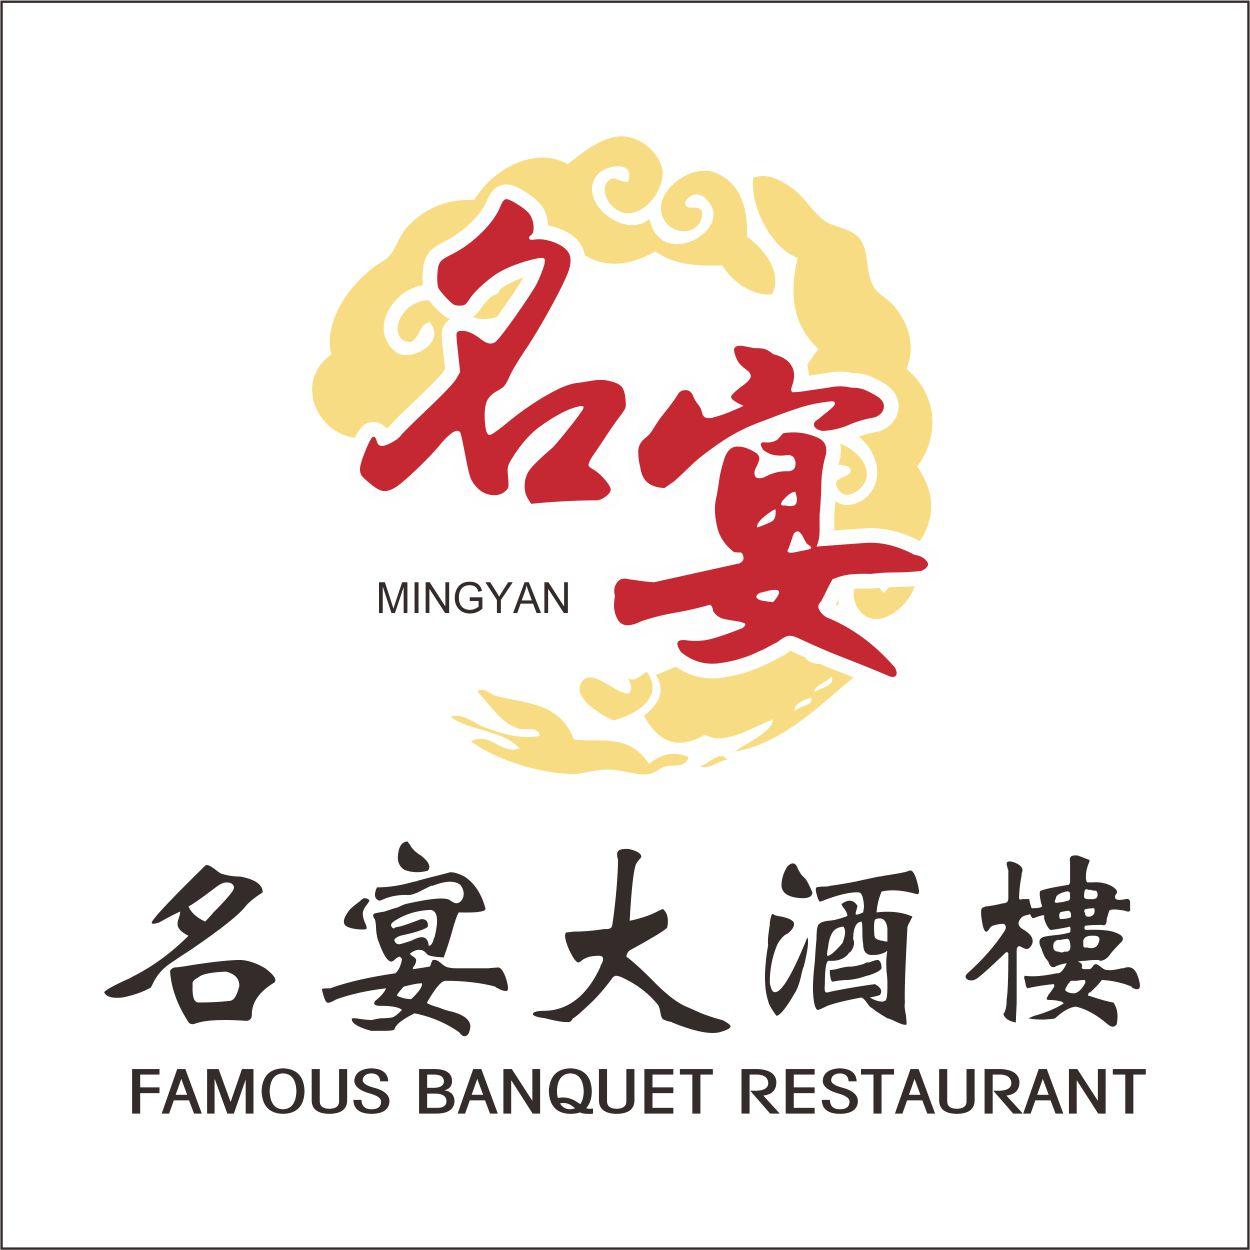 中山市名宴餐饮有限公司